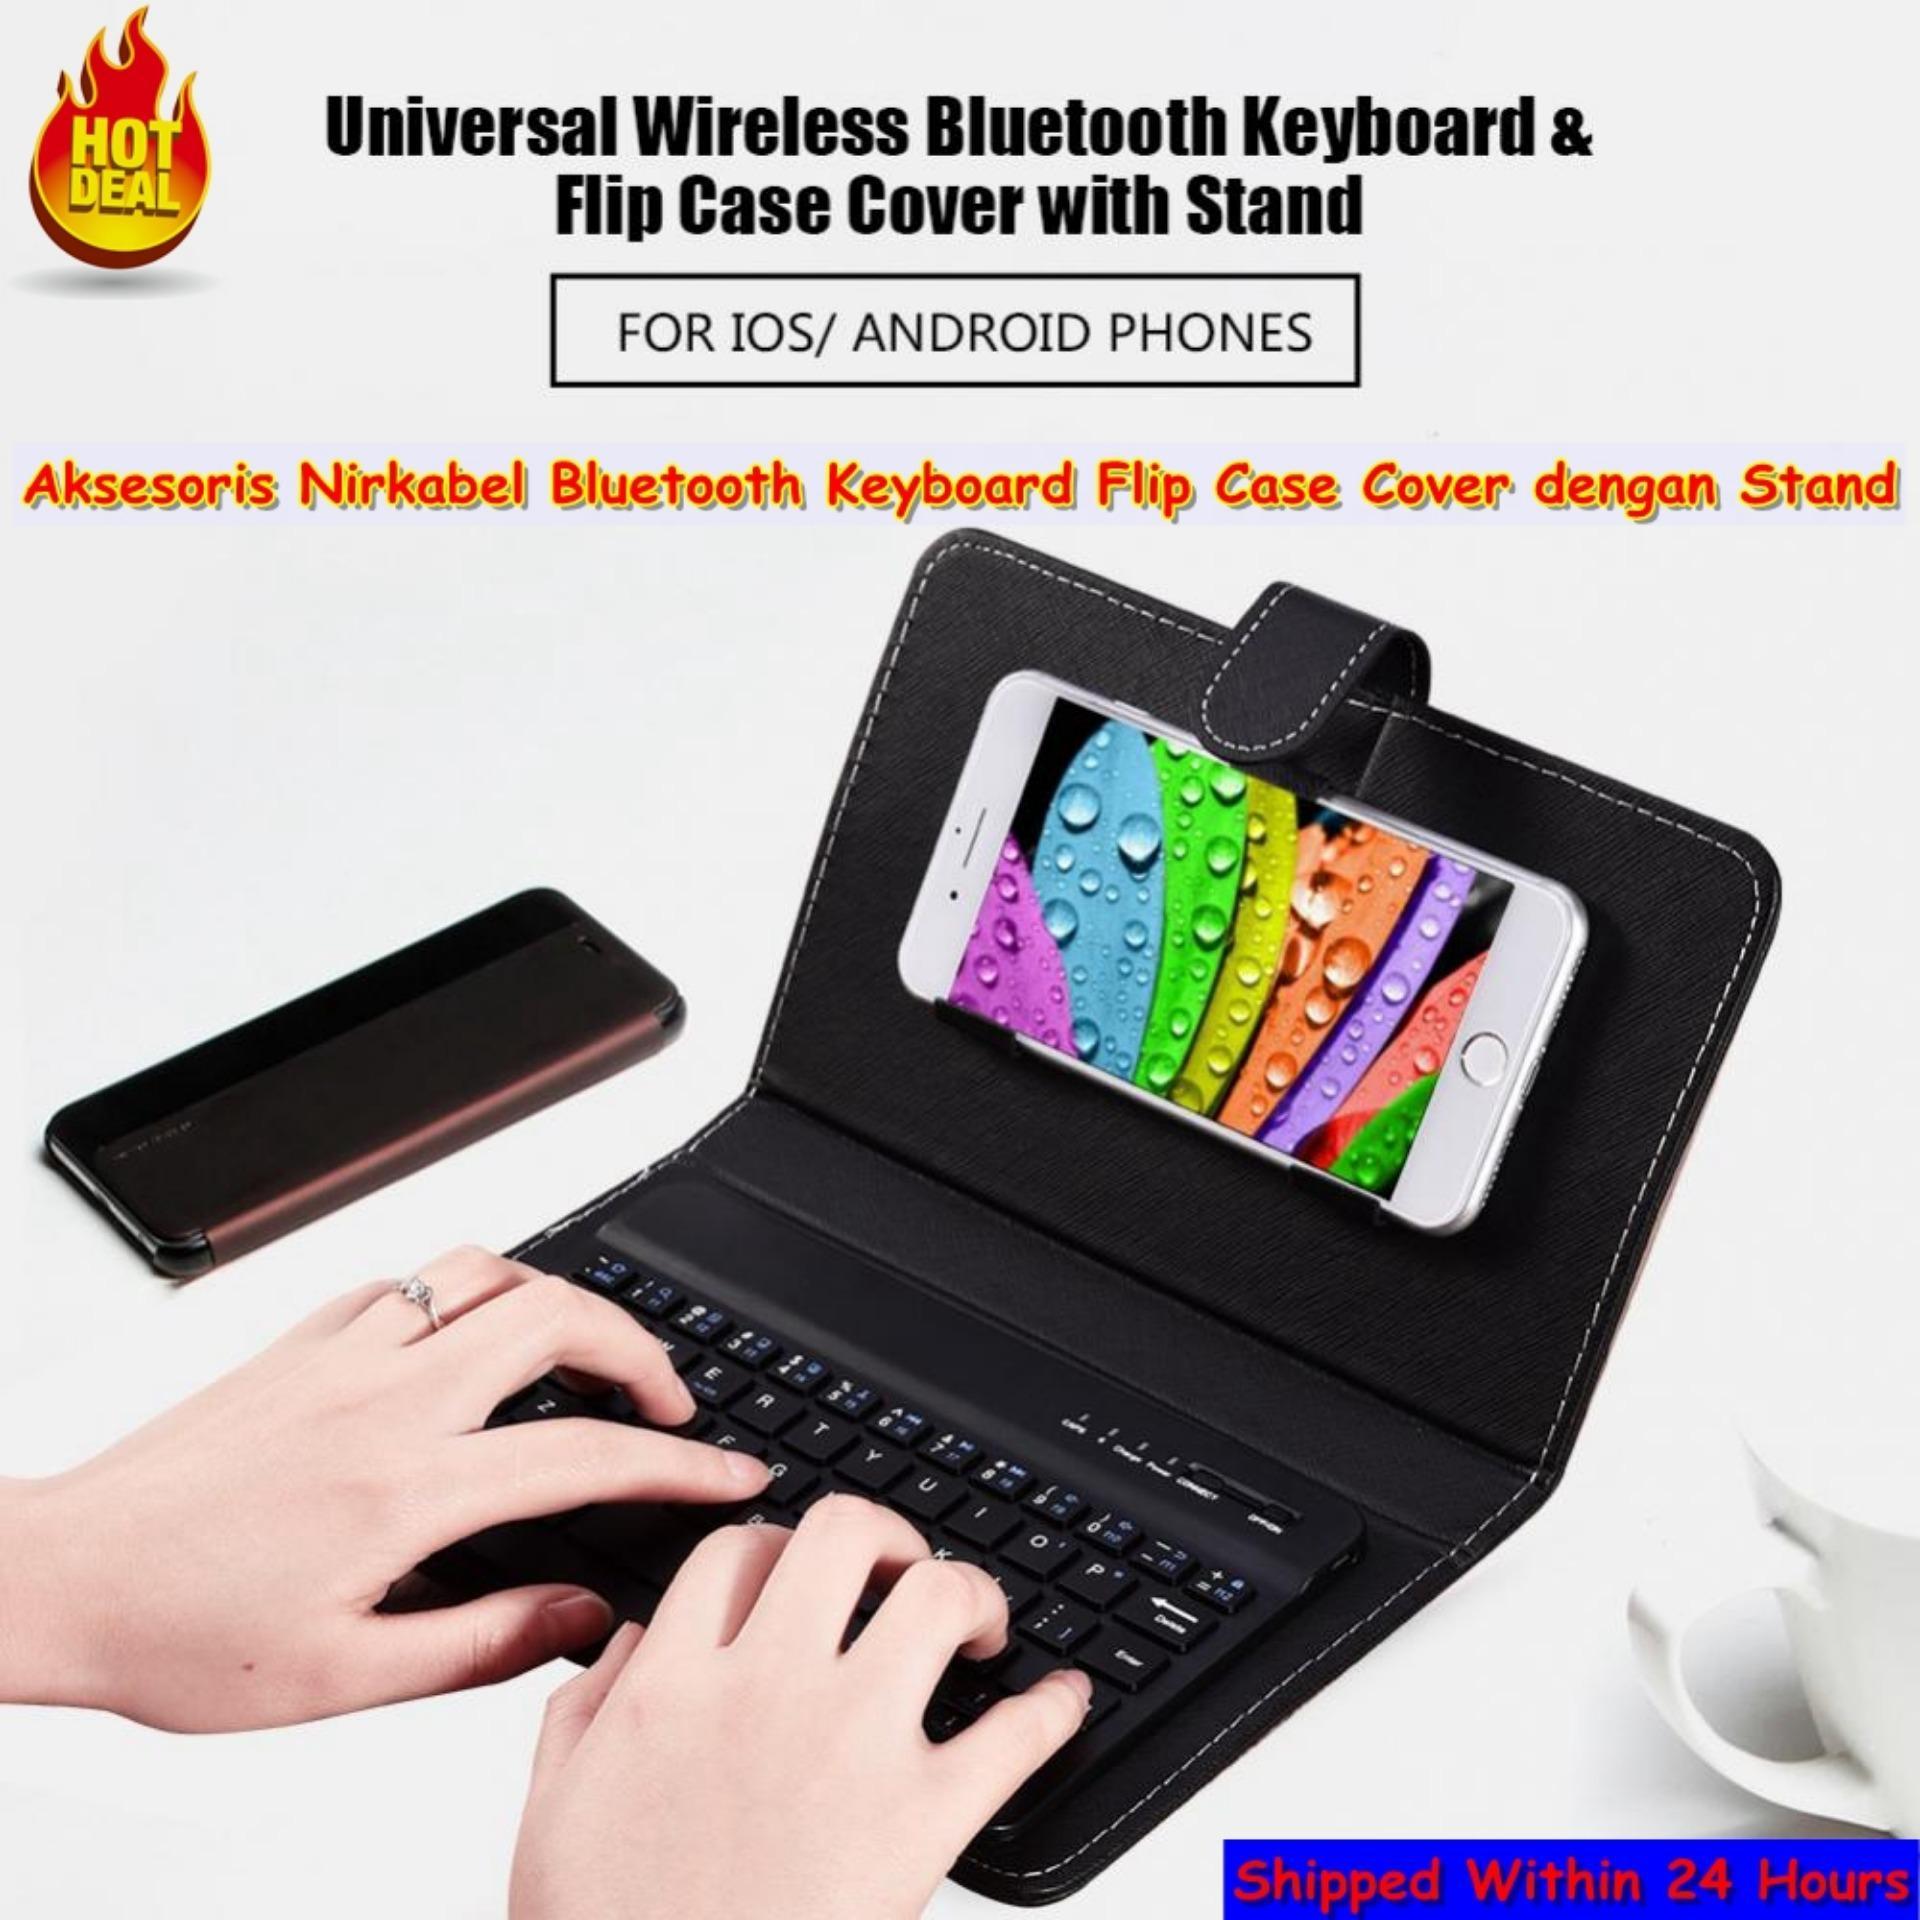 Qianmei Universal Aksesoris Nirkabel Bluetooth Keyboard Flip Case Cover dengan Stand-Intl